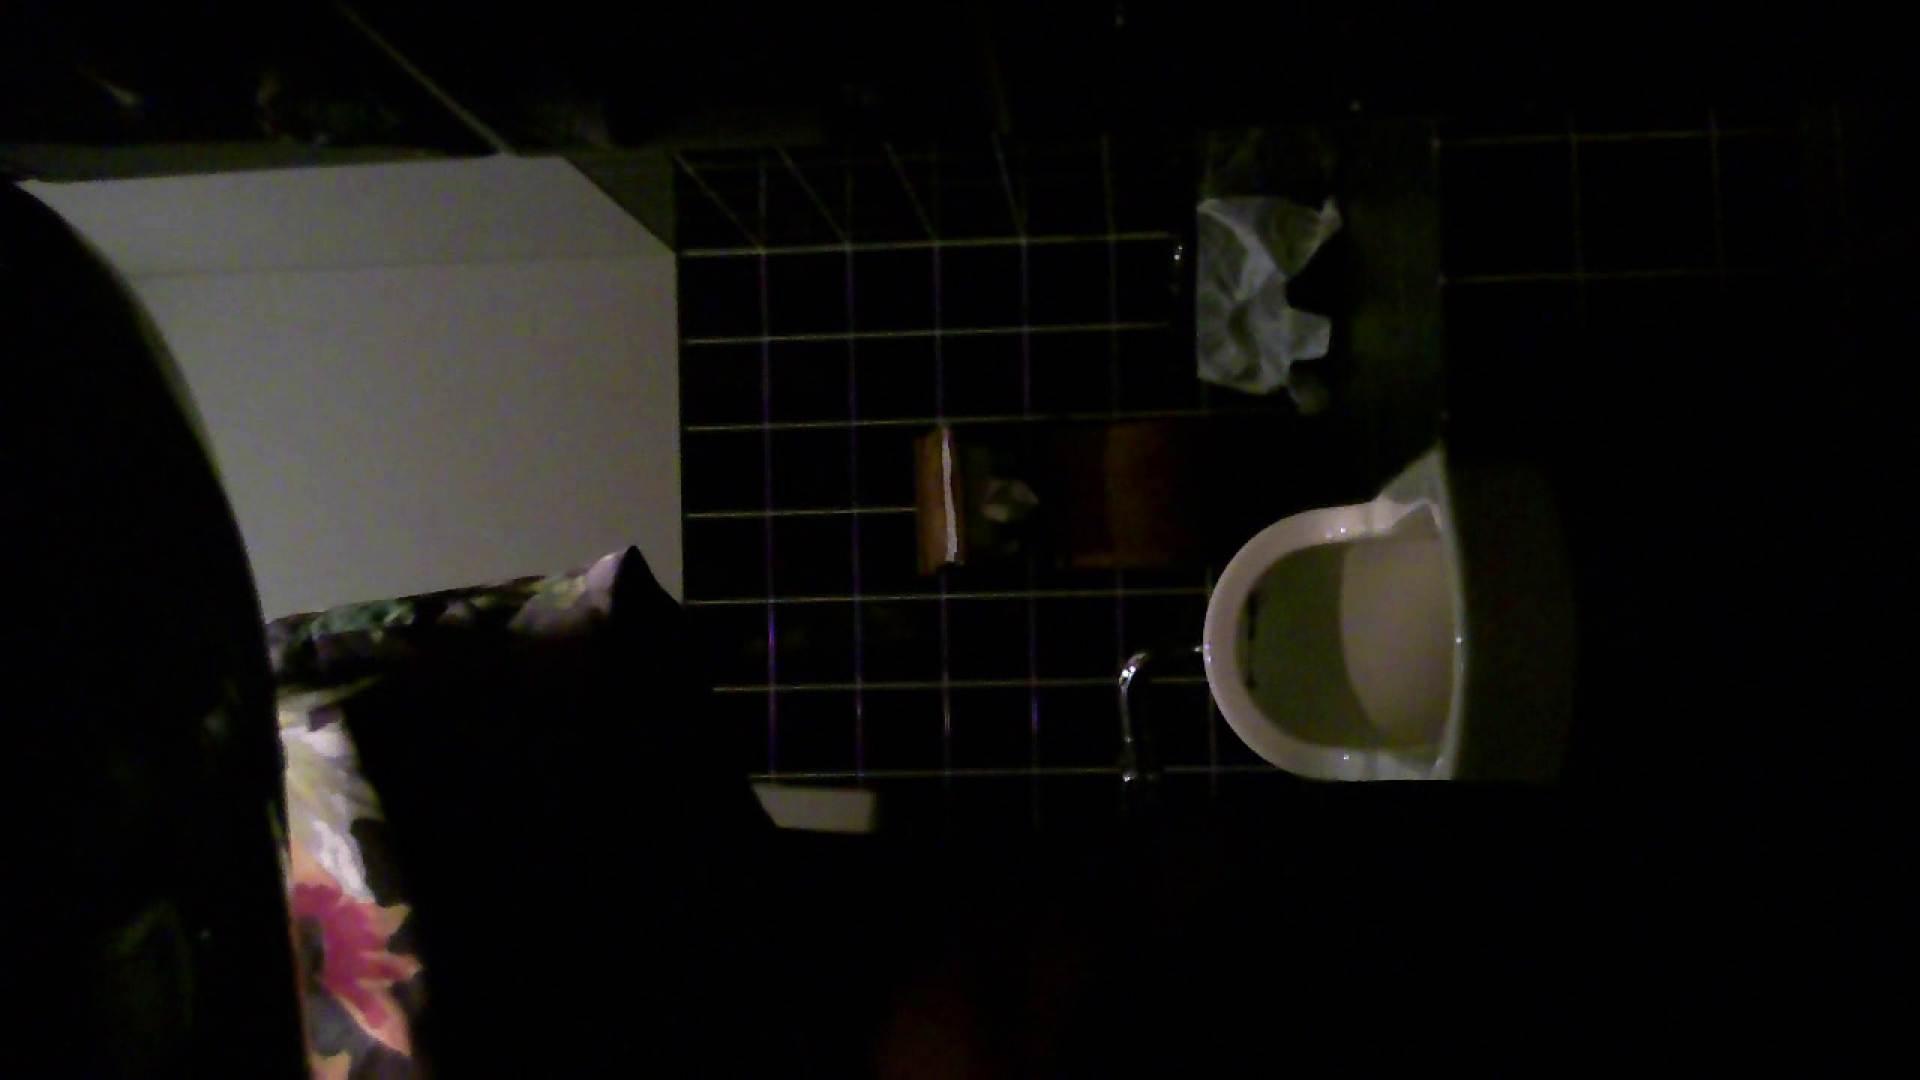 美女の集まる飲み屋洗面所 vol.04 パイパン すけべAV動画紹介 52PICs 43